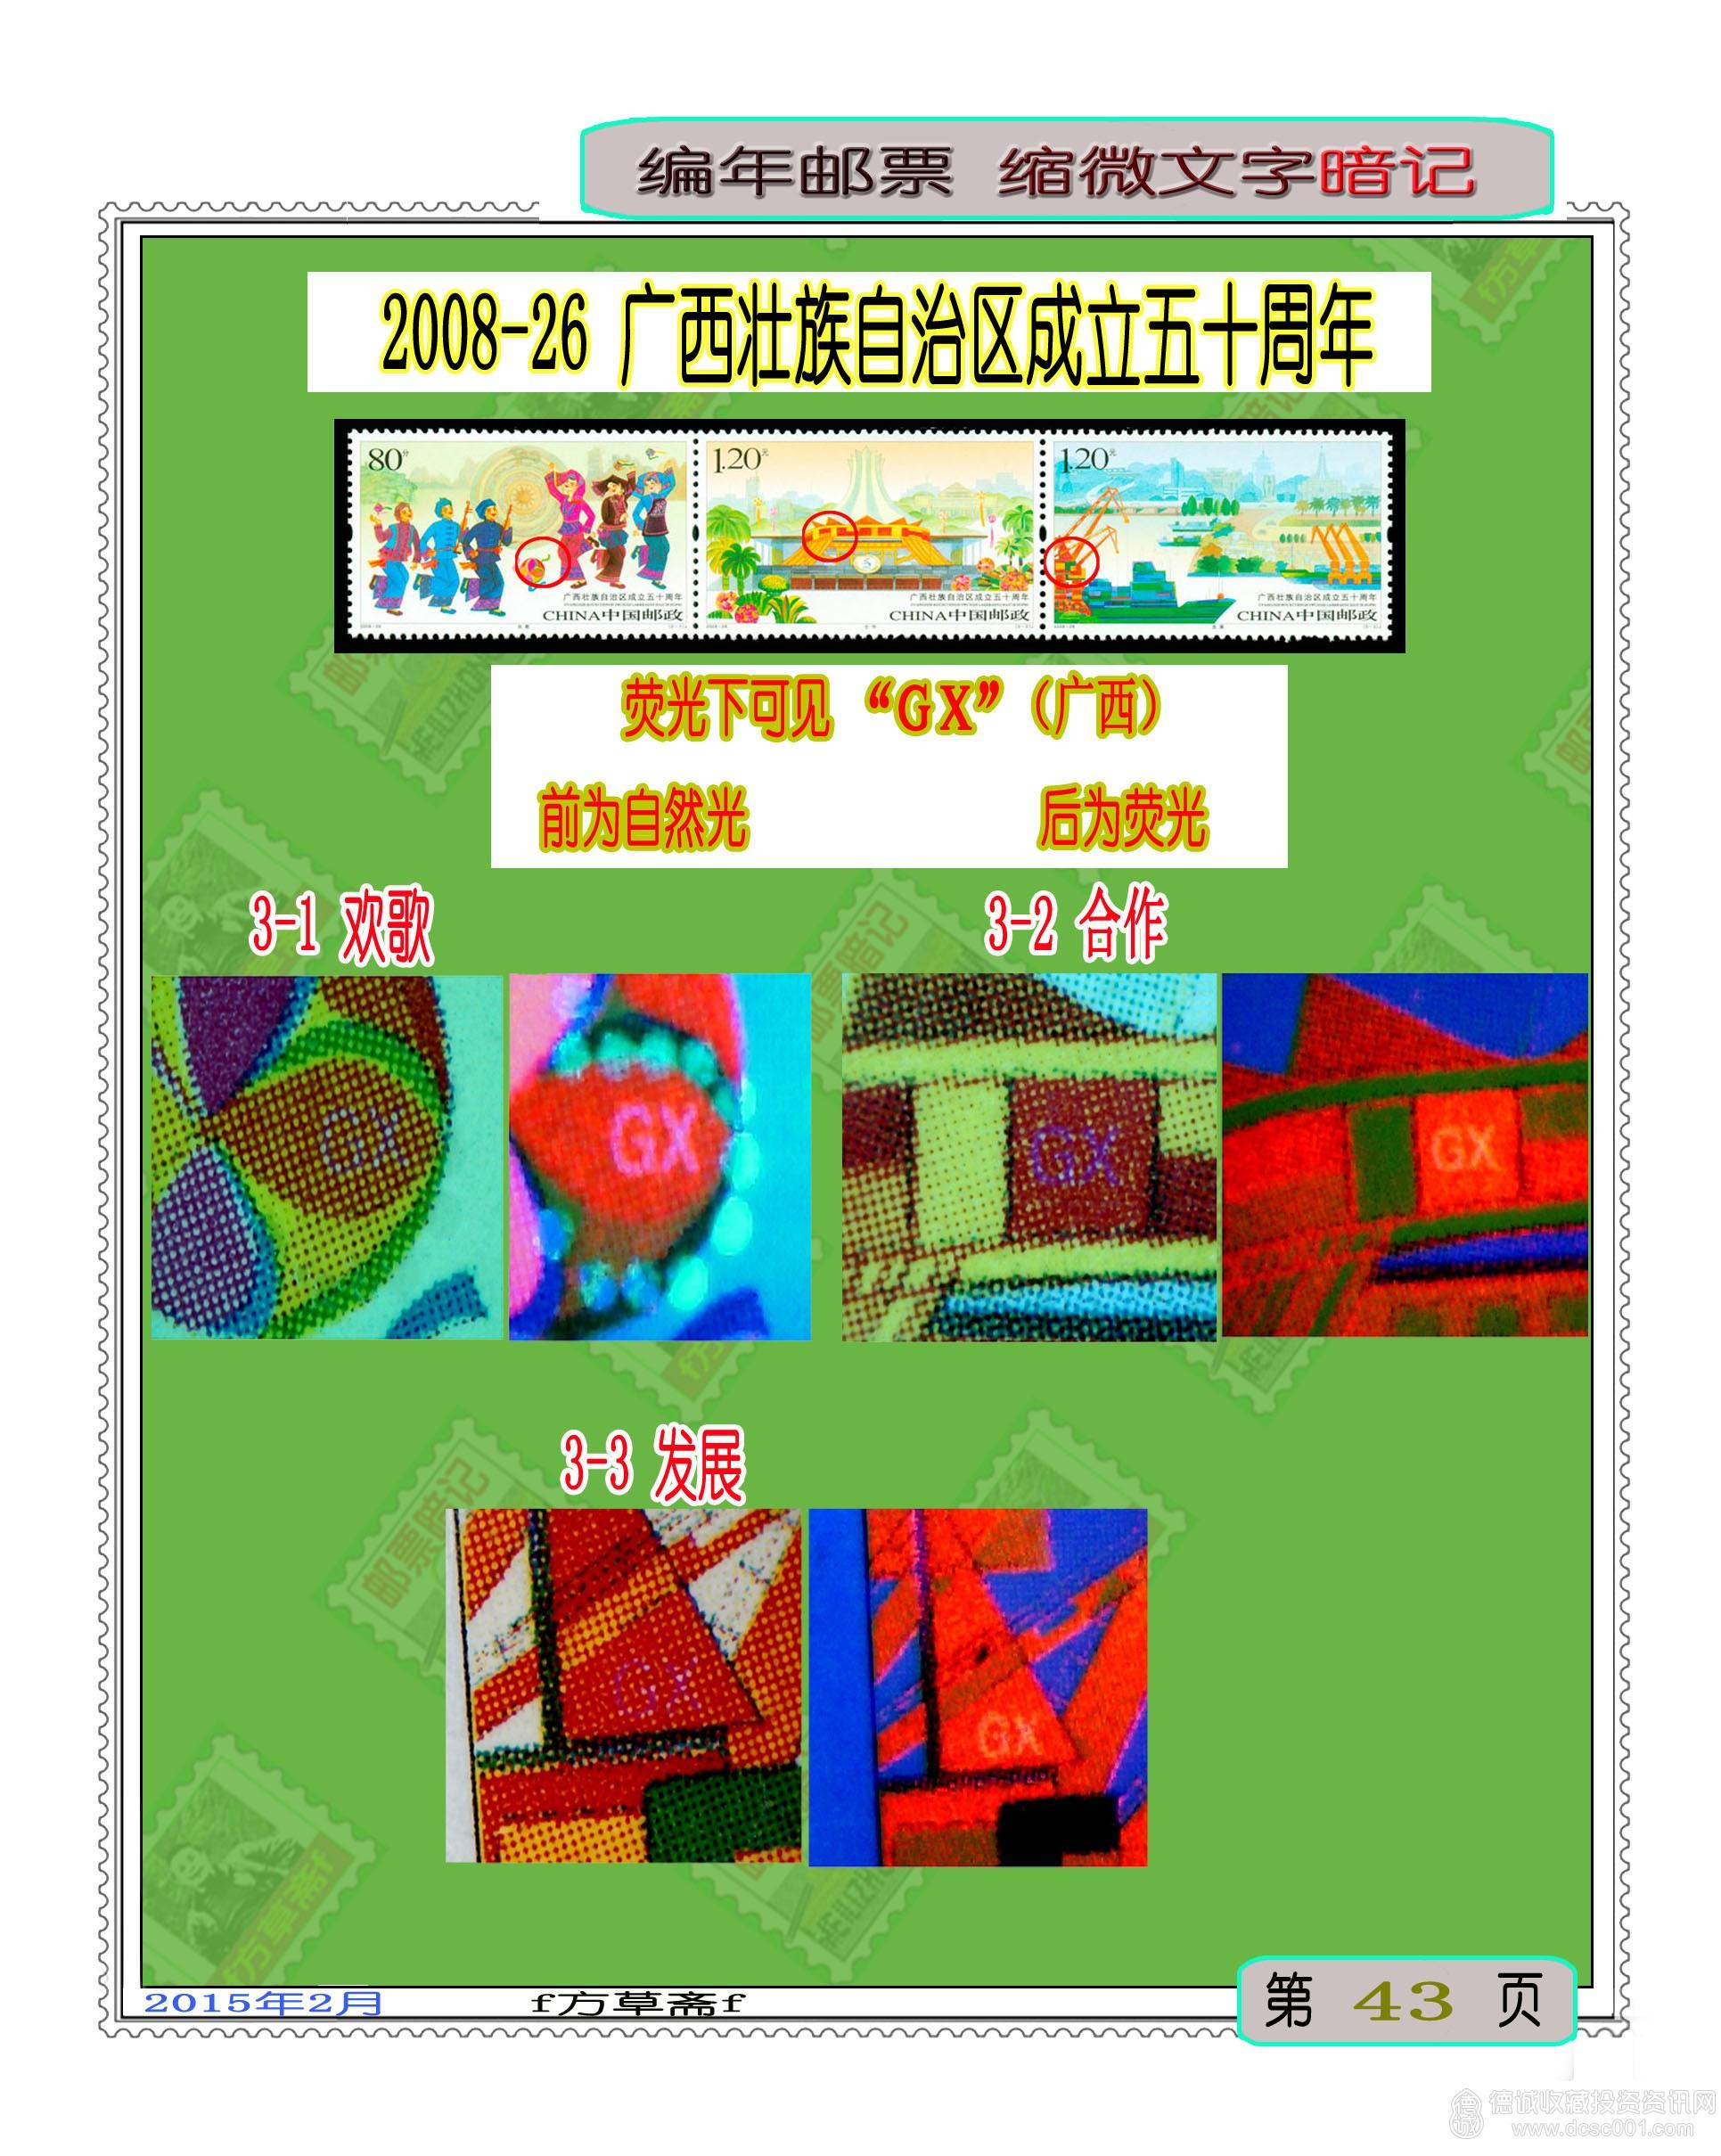 2008-26 广西壮族自治区成立五十周年.jpg